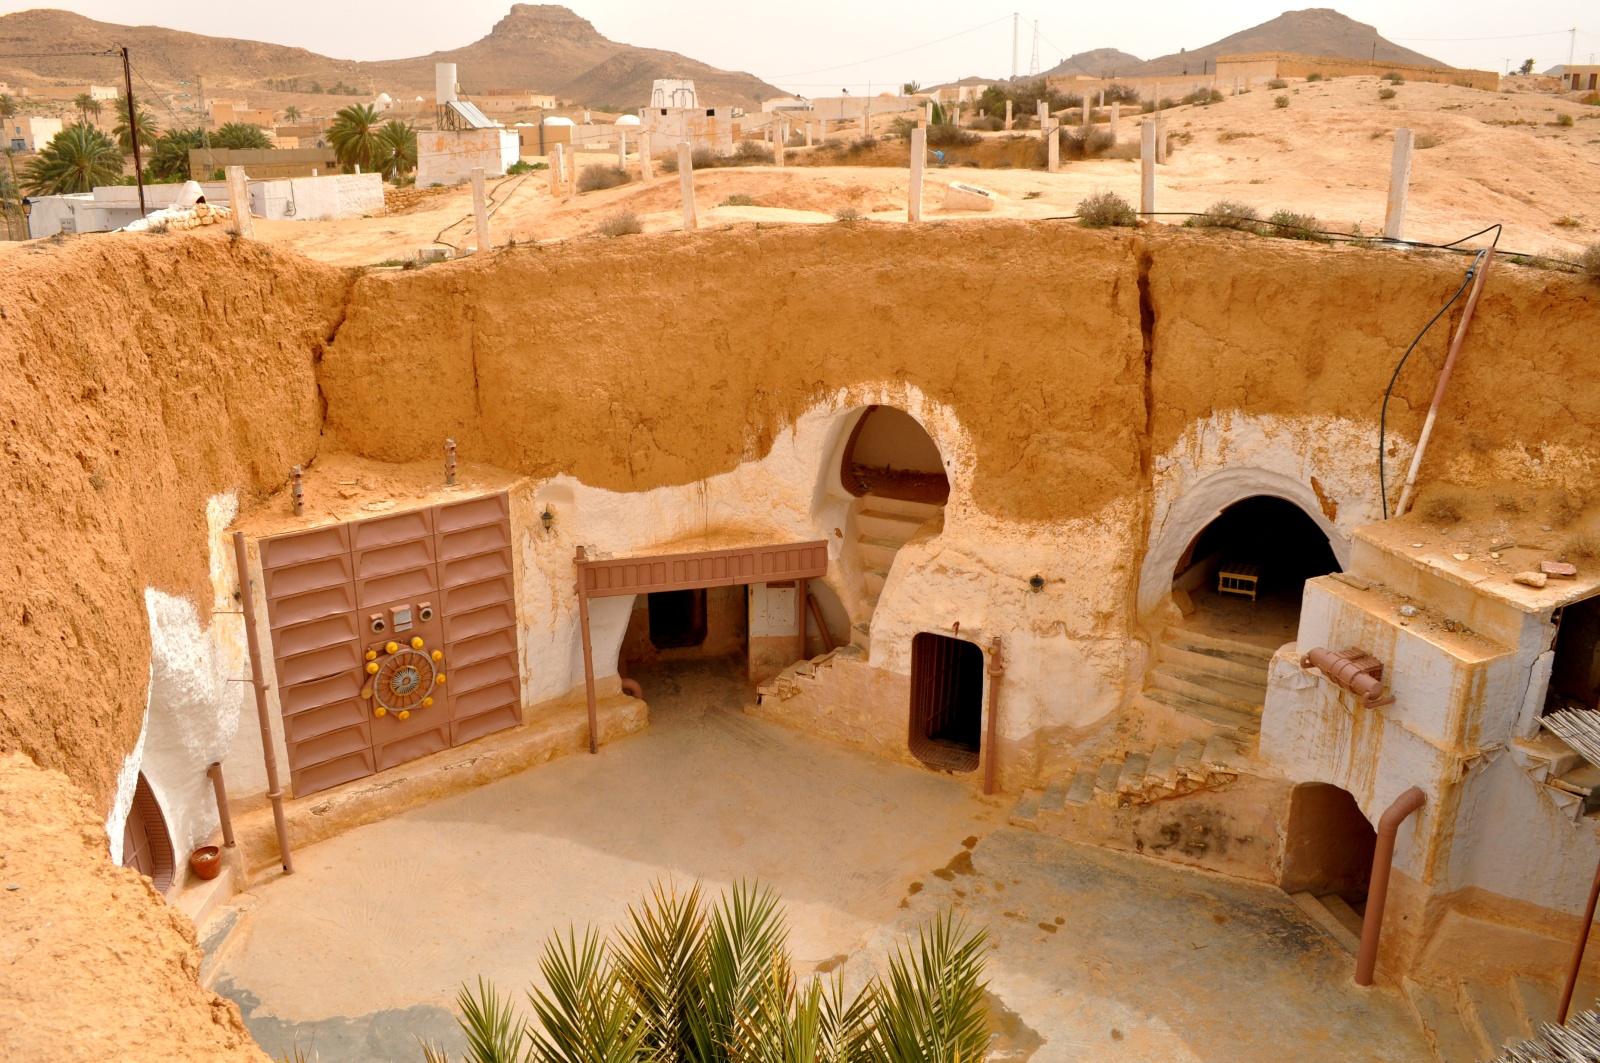 Resultado de imagen para Sidi Driss star wars